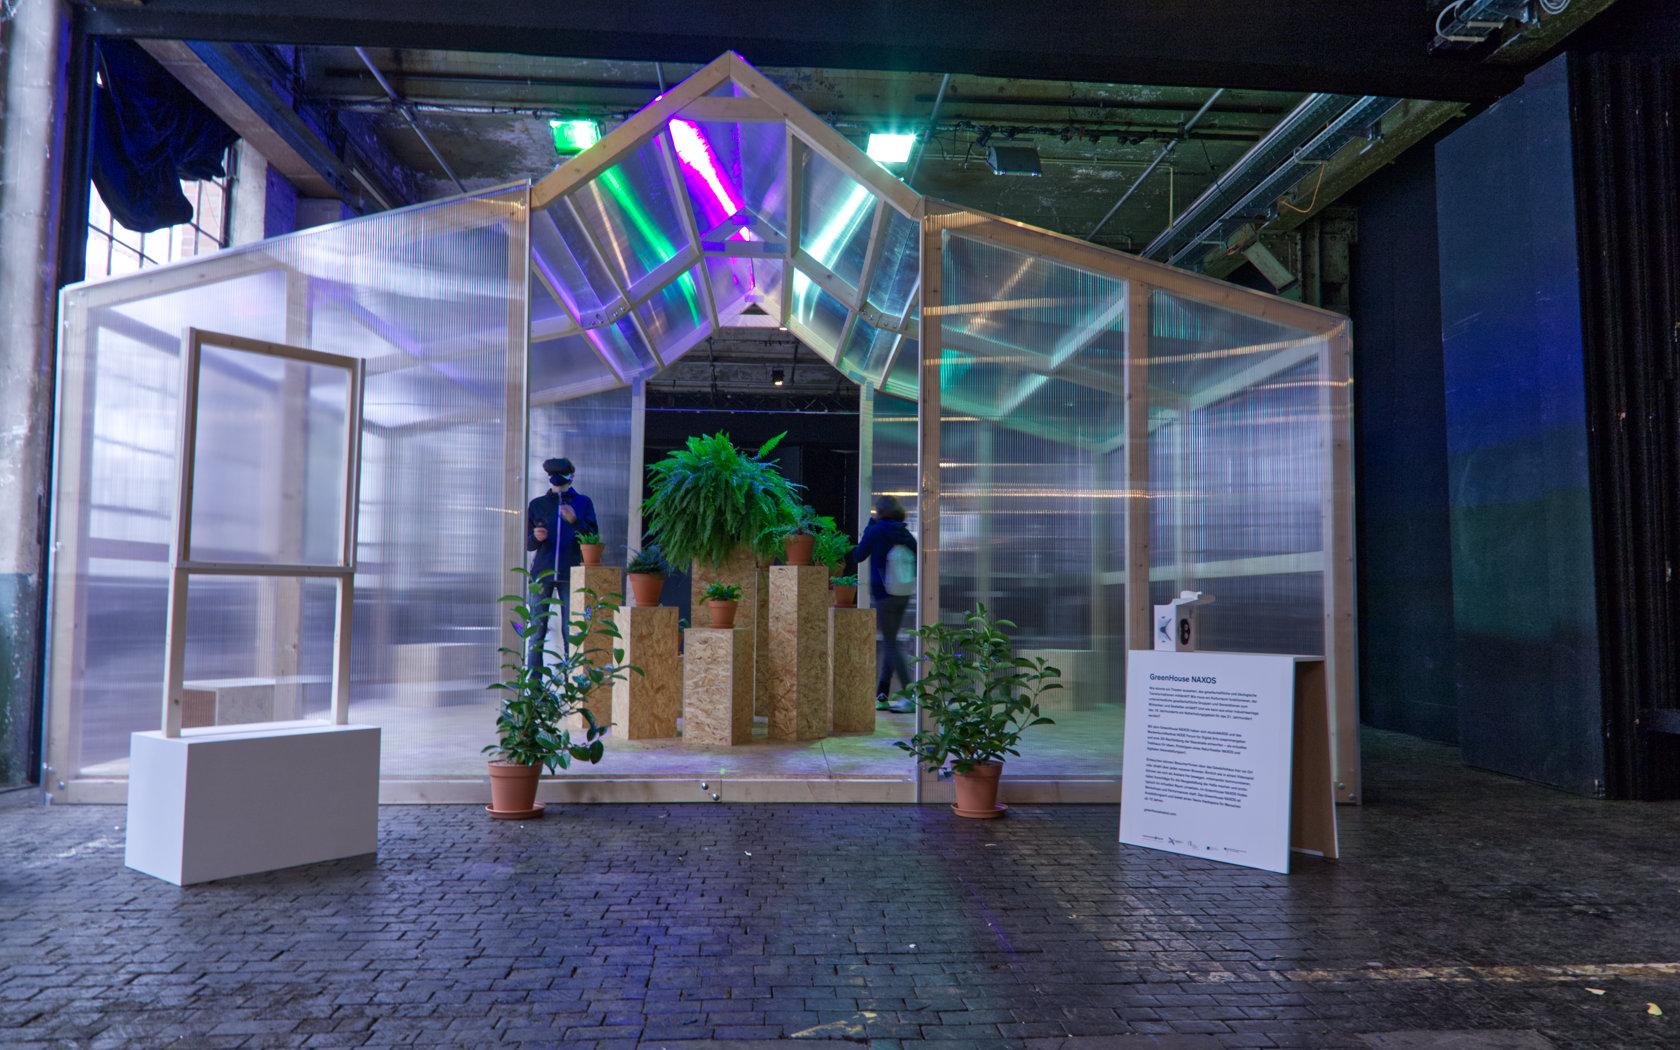 greenhouse projekt für die Naxoshalle in Frankfurt am Main